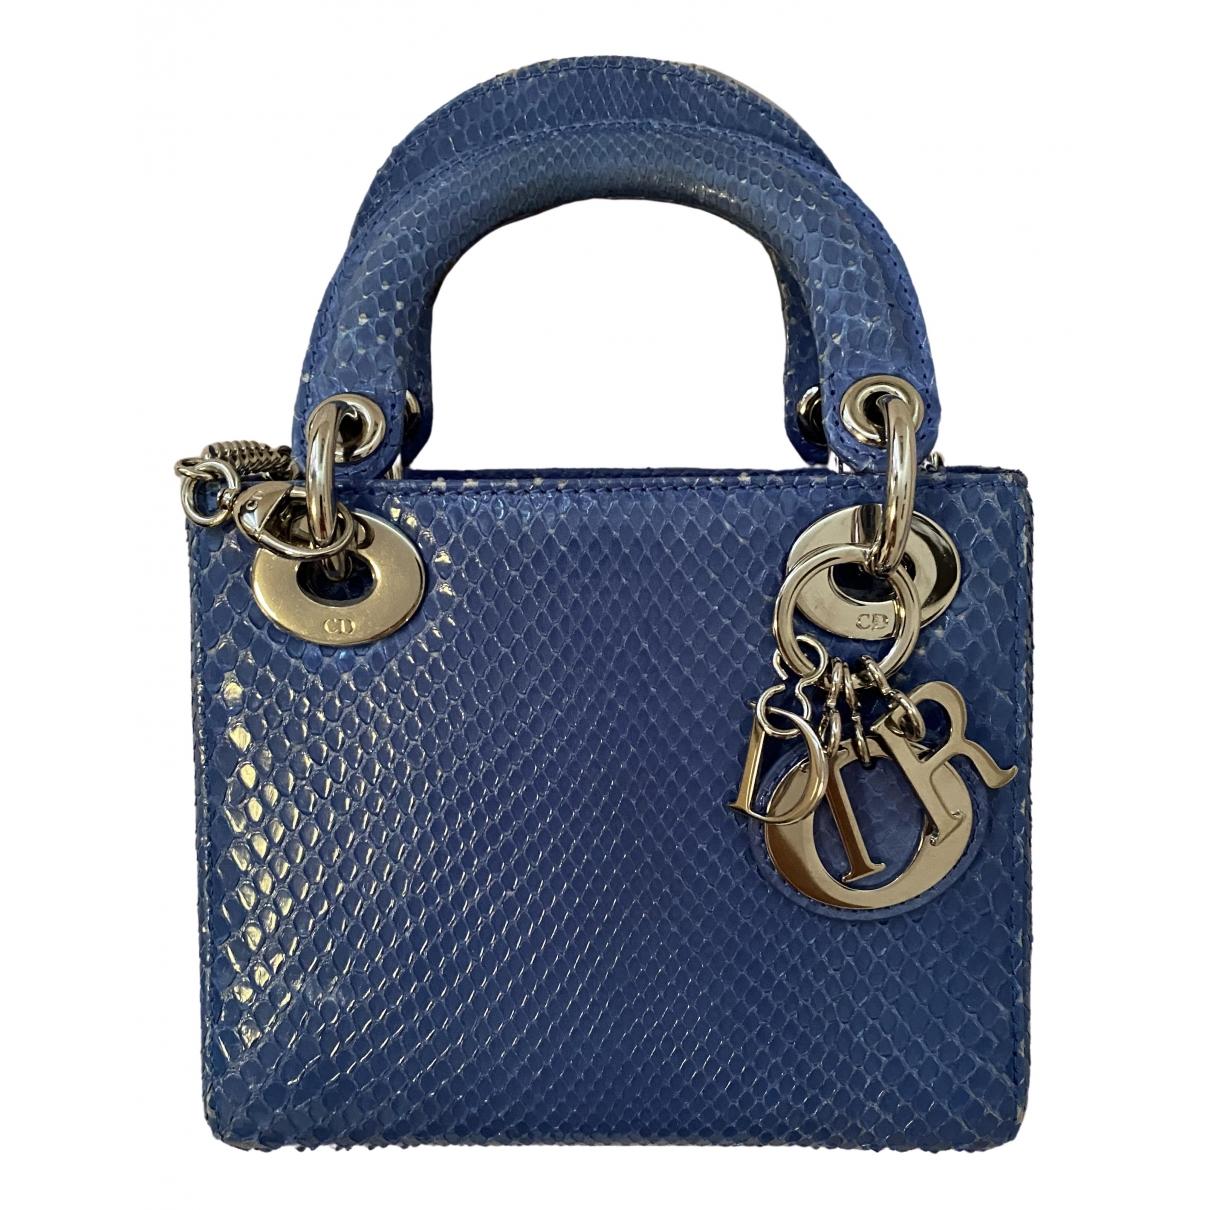 Dior Lady Dior Handtasche in  Blau Python